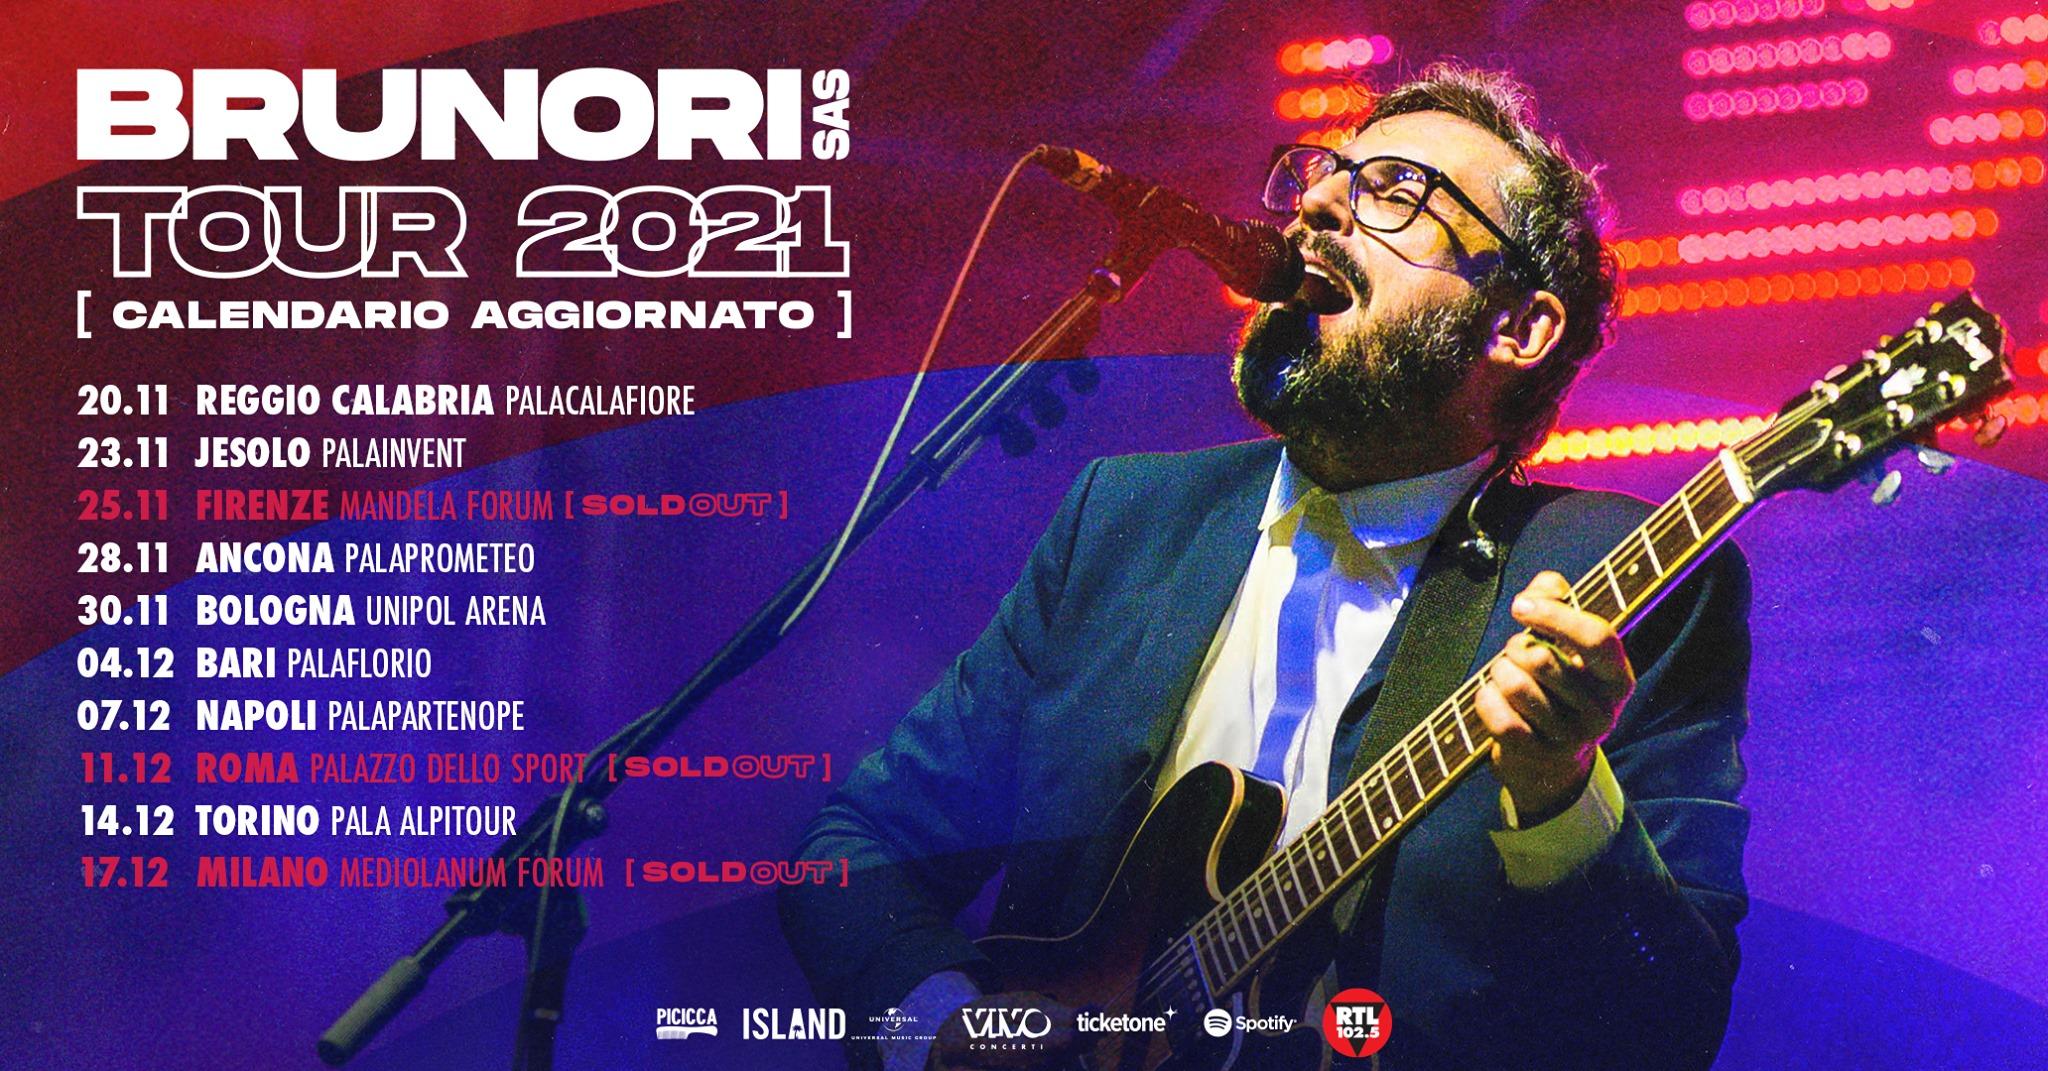 Brunori SAS in concerto a Reggio Calabria *data spostata